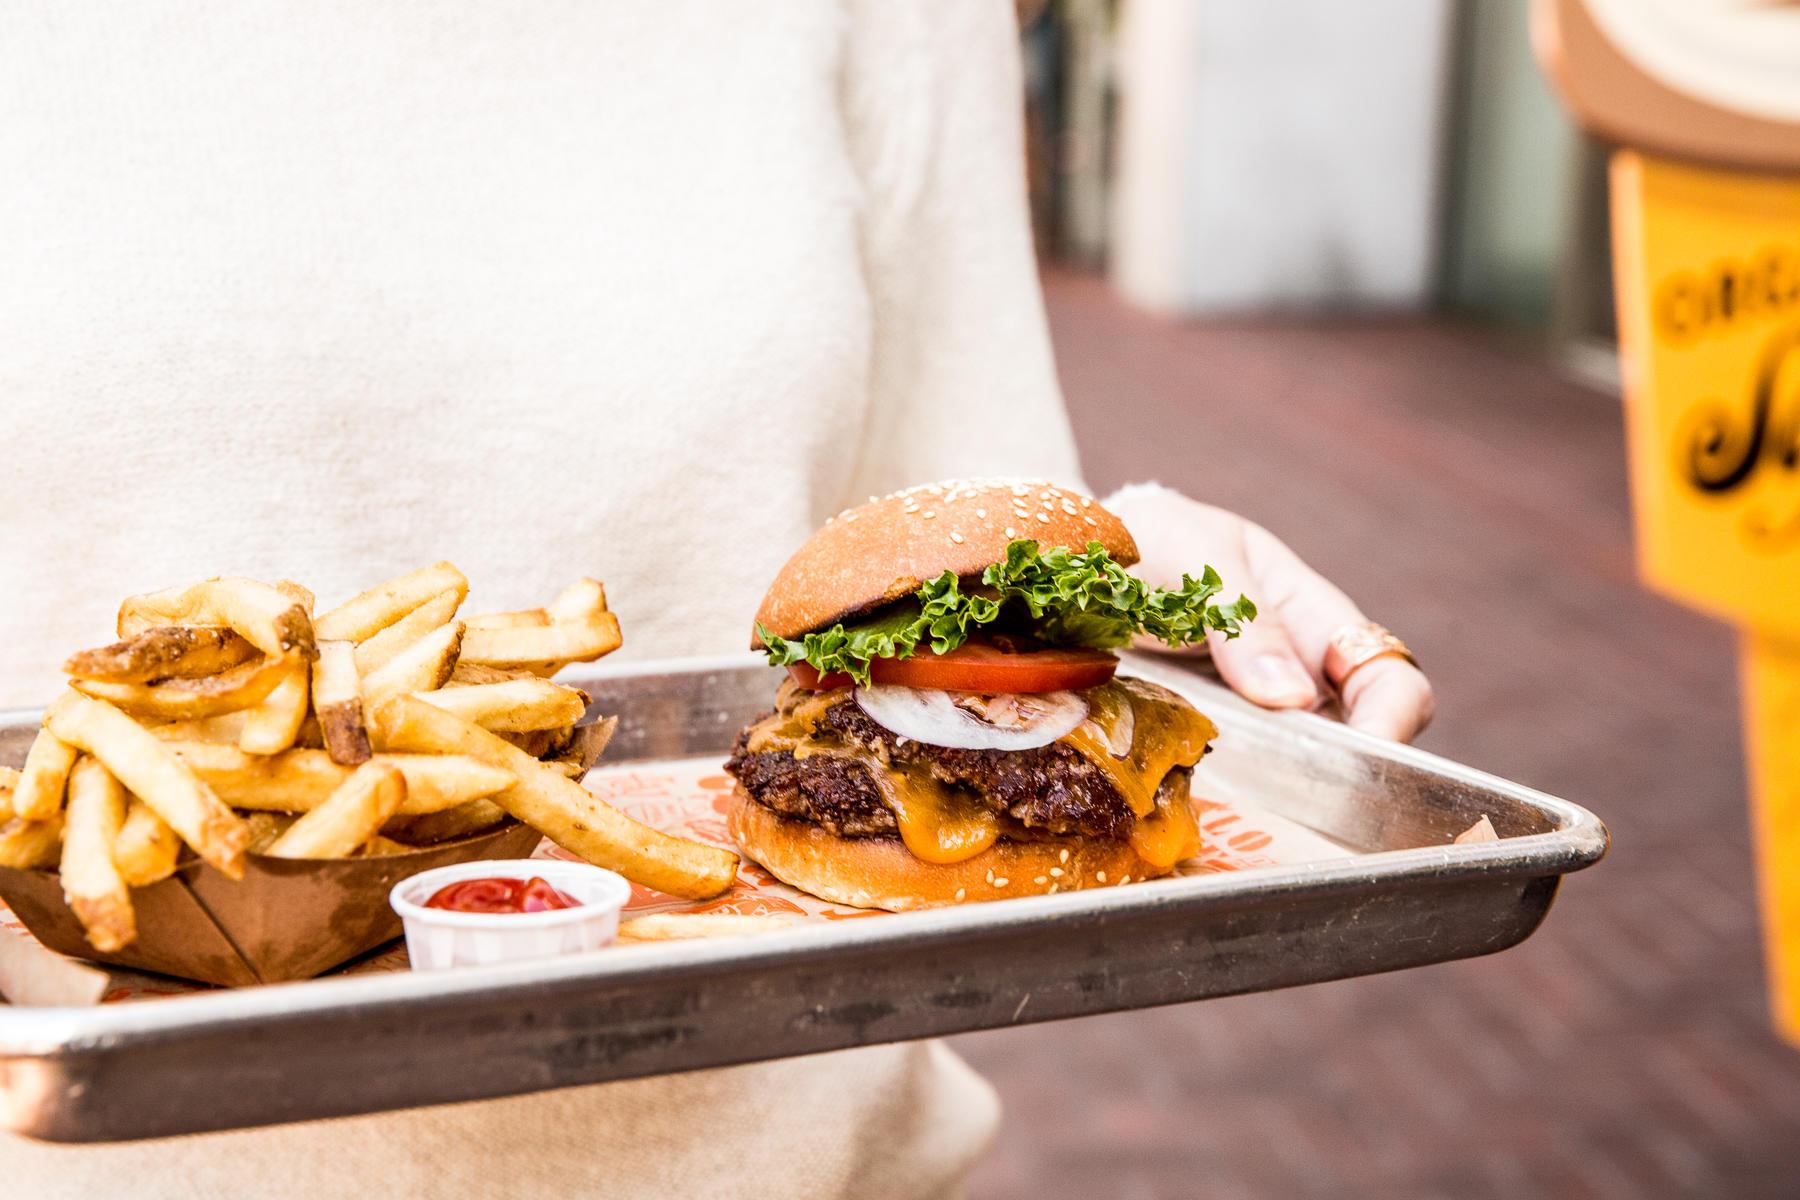 Super Duper Burgers image 2